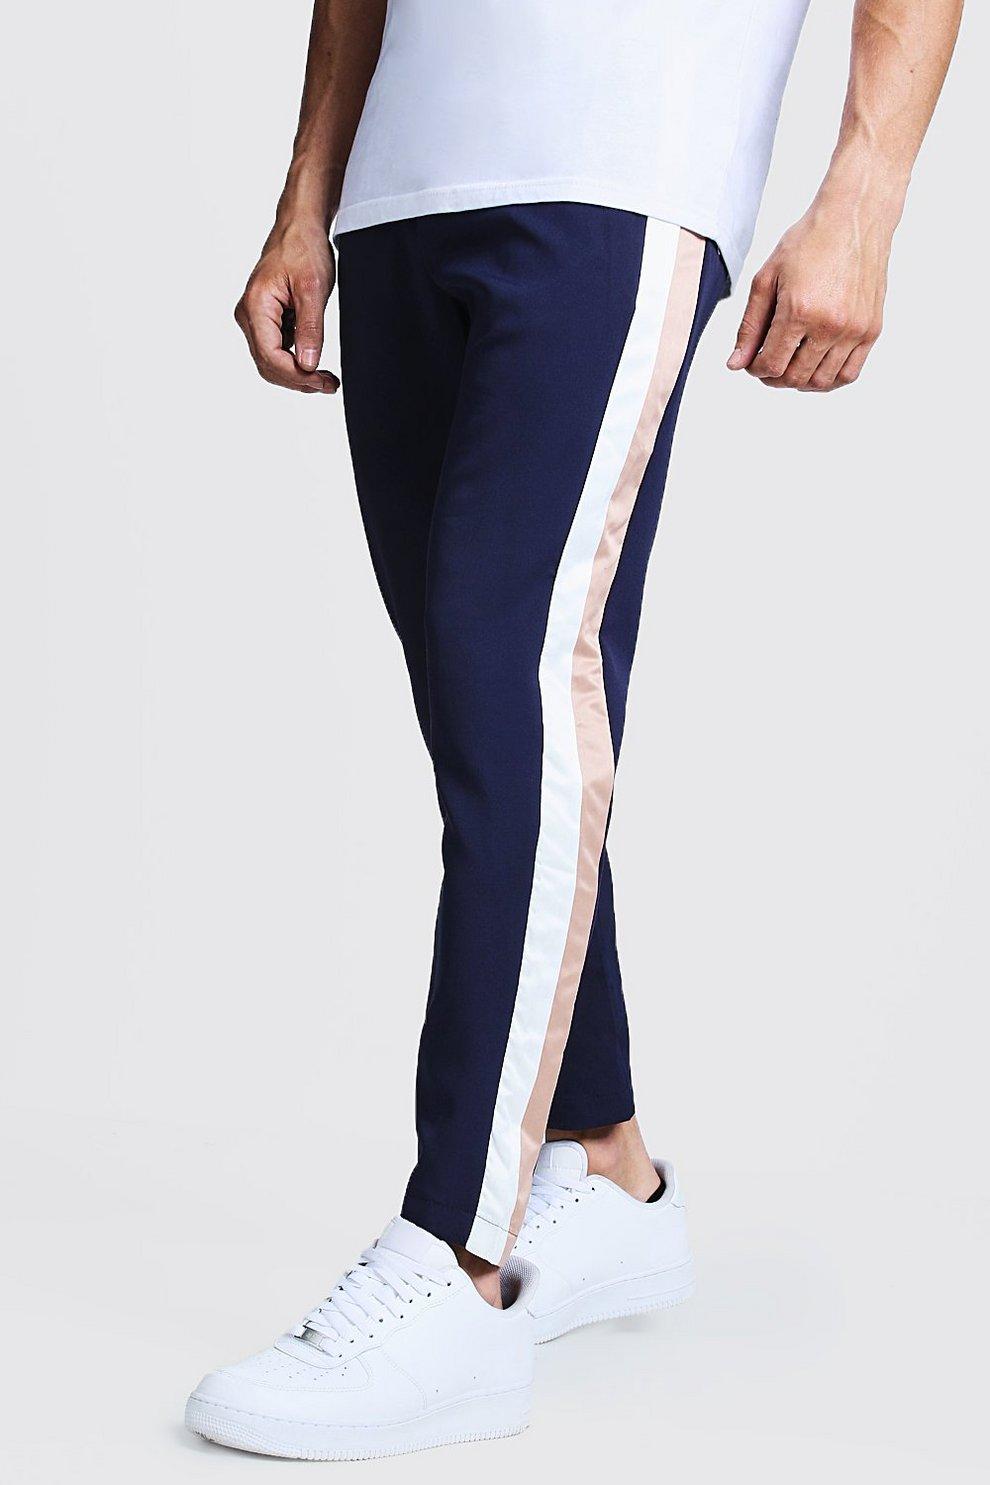 ad7de2d6fa Pantaloni blu oltremare con righe laterali | Boohoo